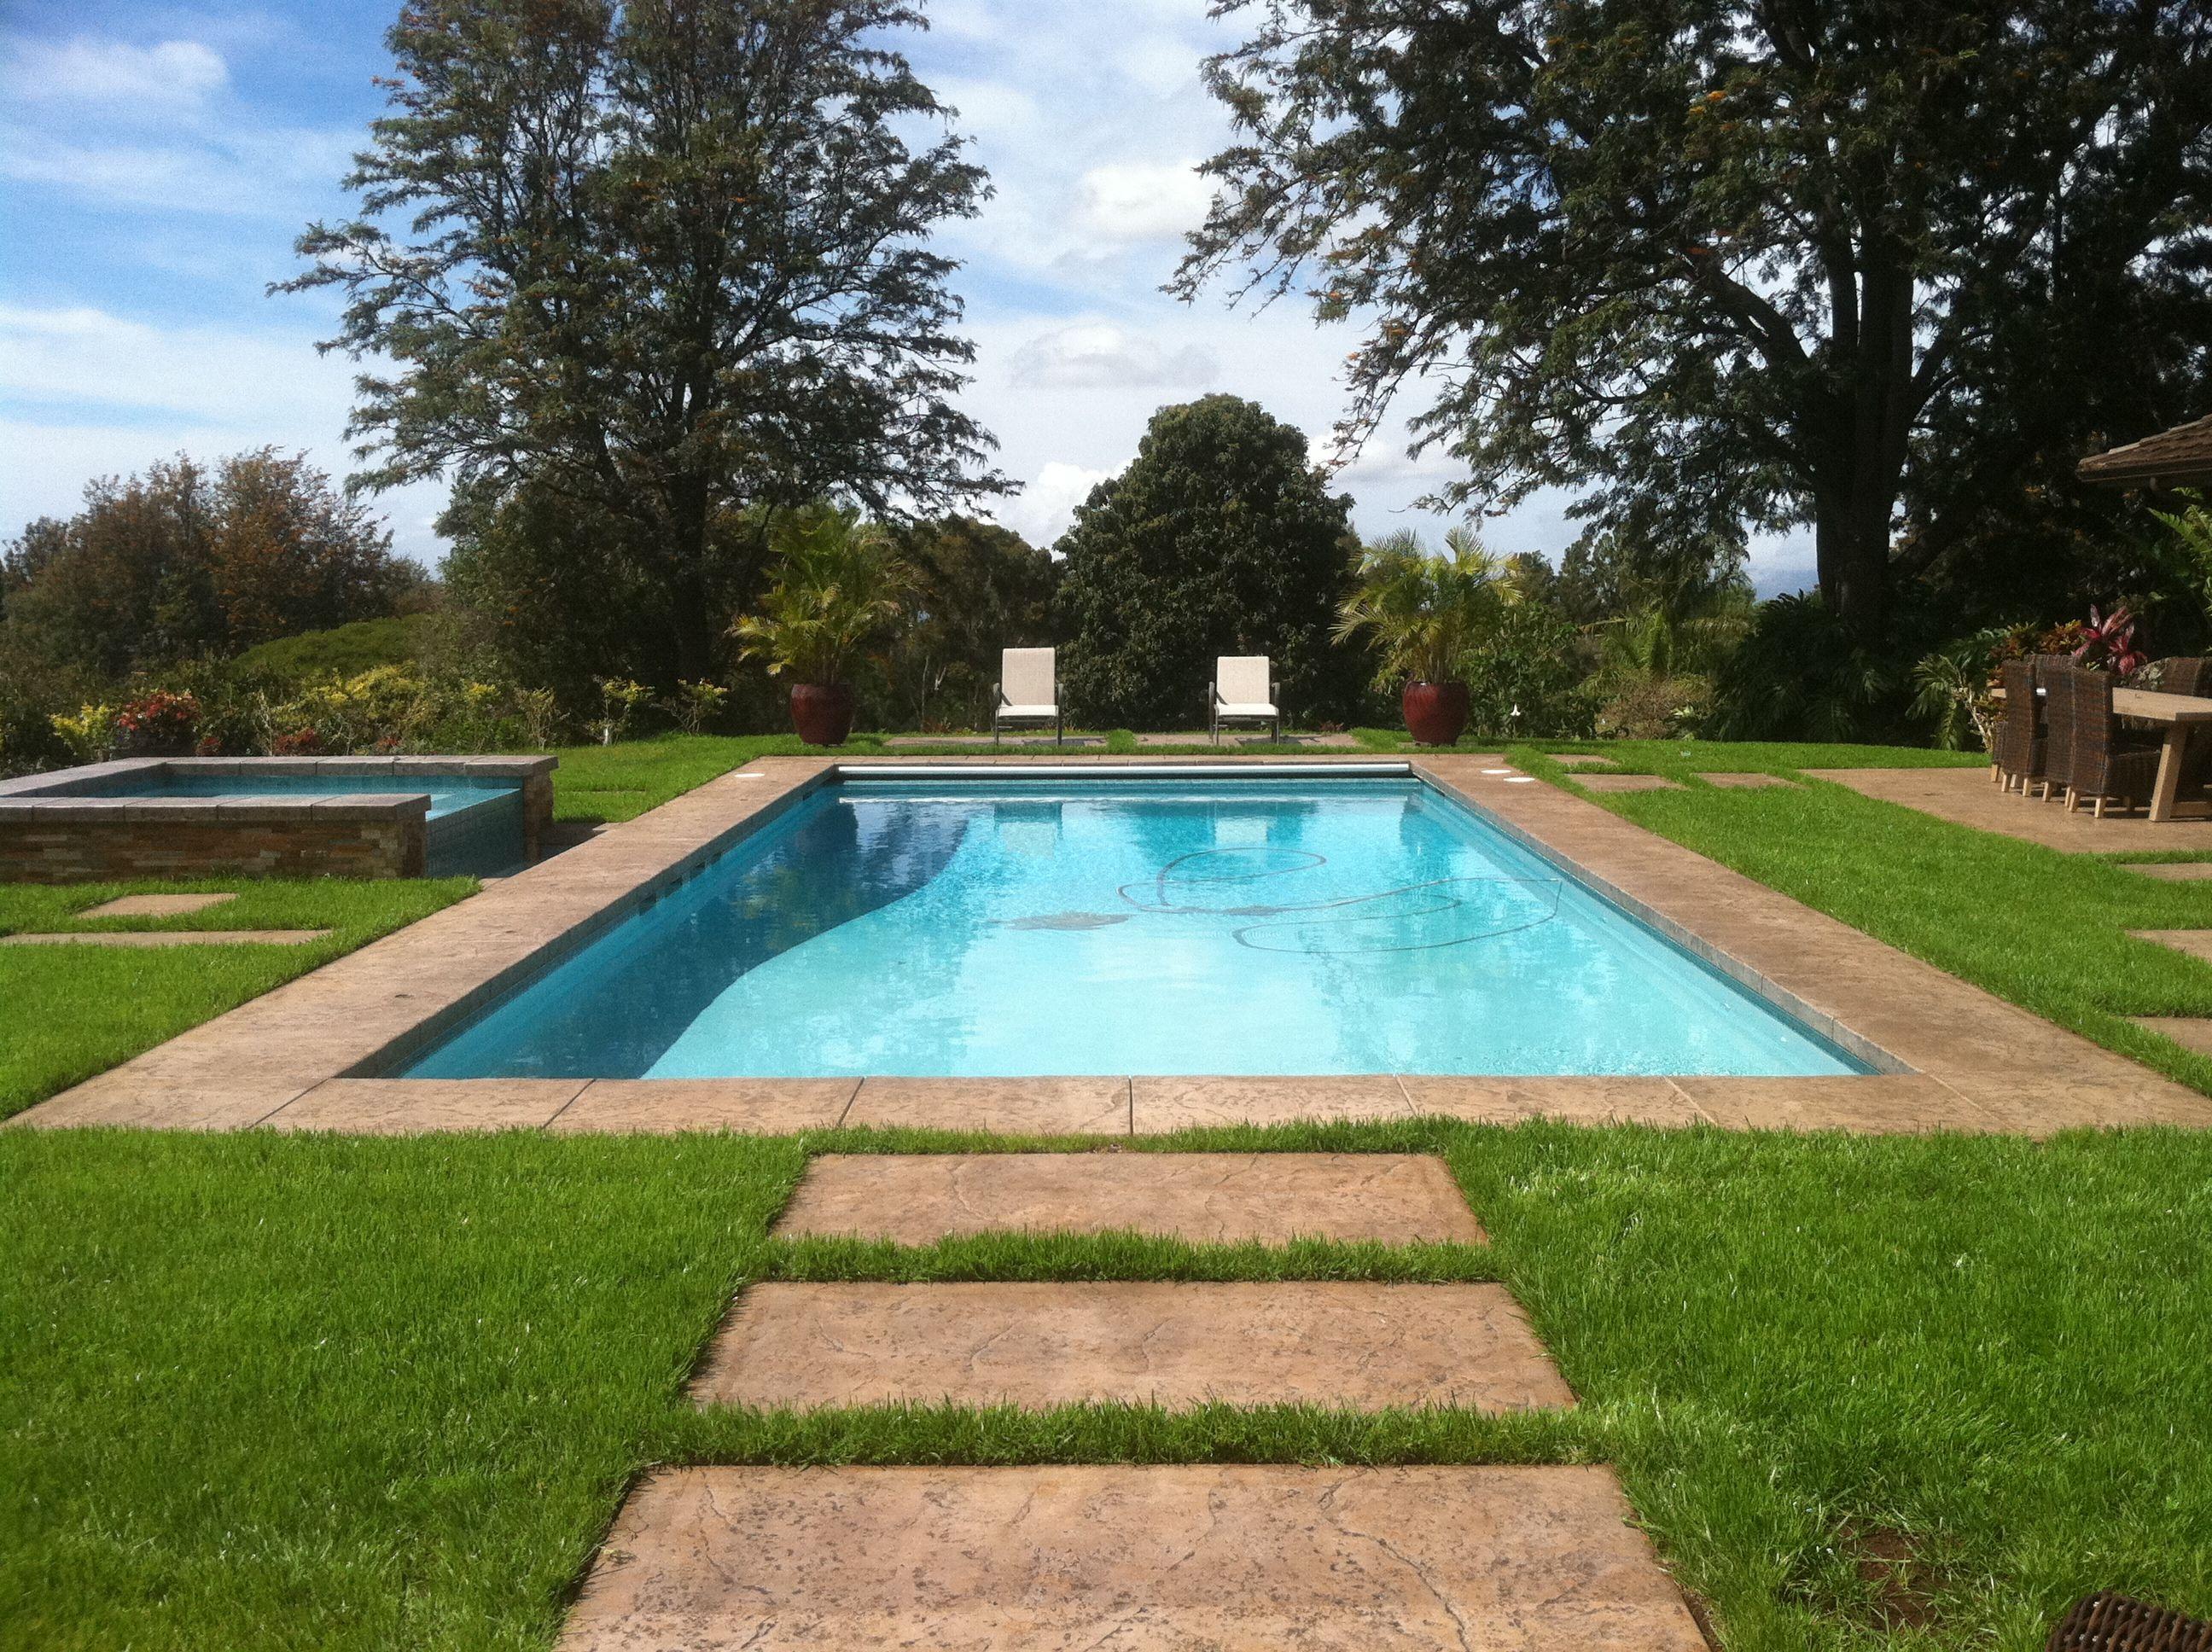 classic backyard pool for family fun bimini teal hydrazzo